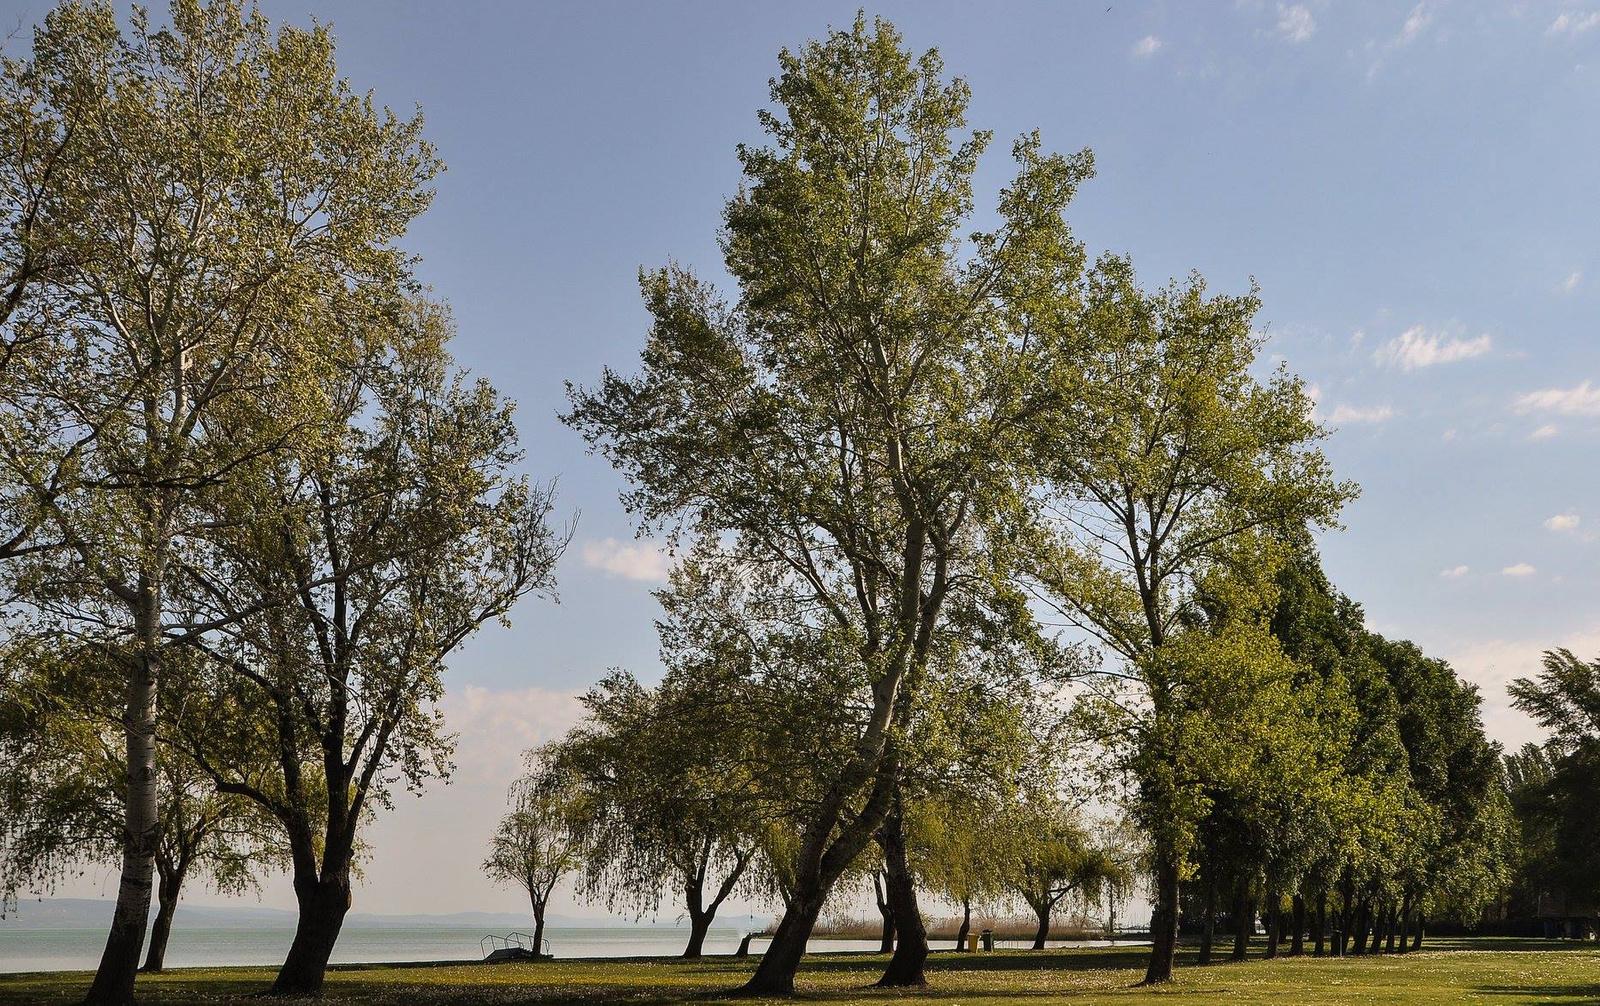 Ölelkező fák